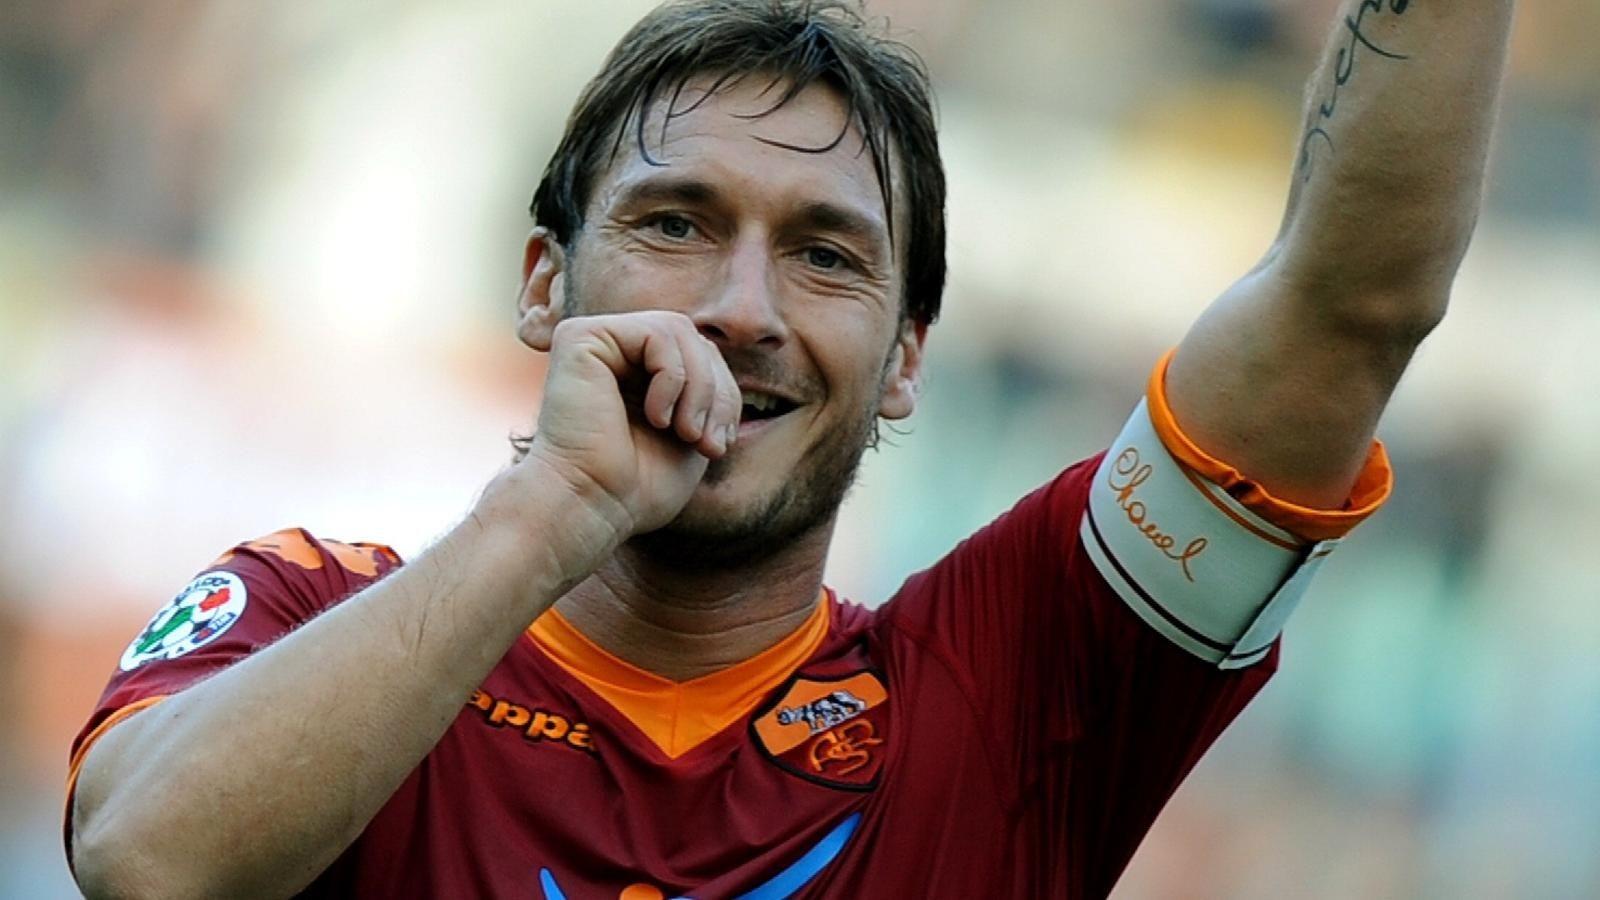 最帅足球明星 皮耶罗_天下足球 德尔皮耶罗_天下足球纪念皮耶罗